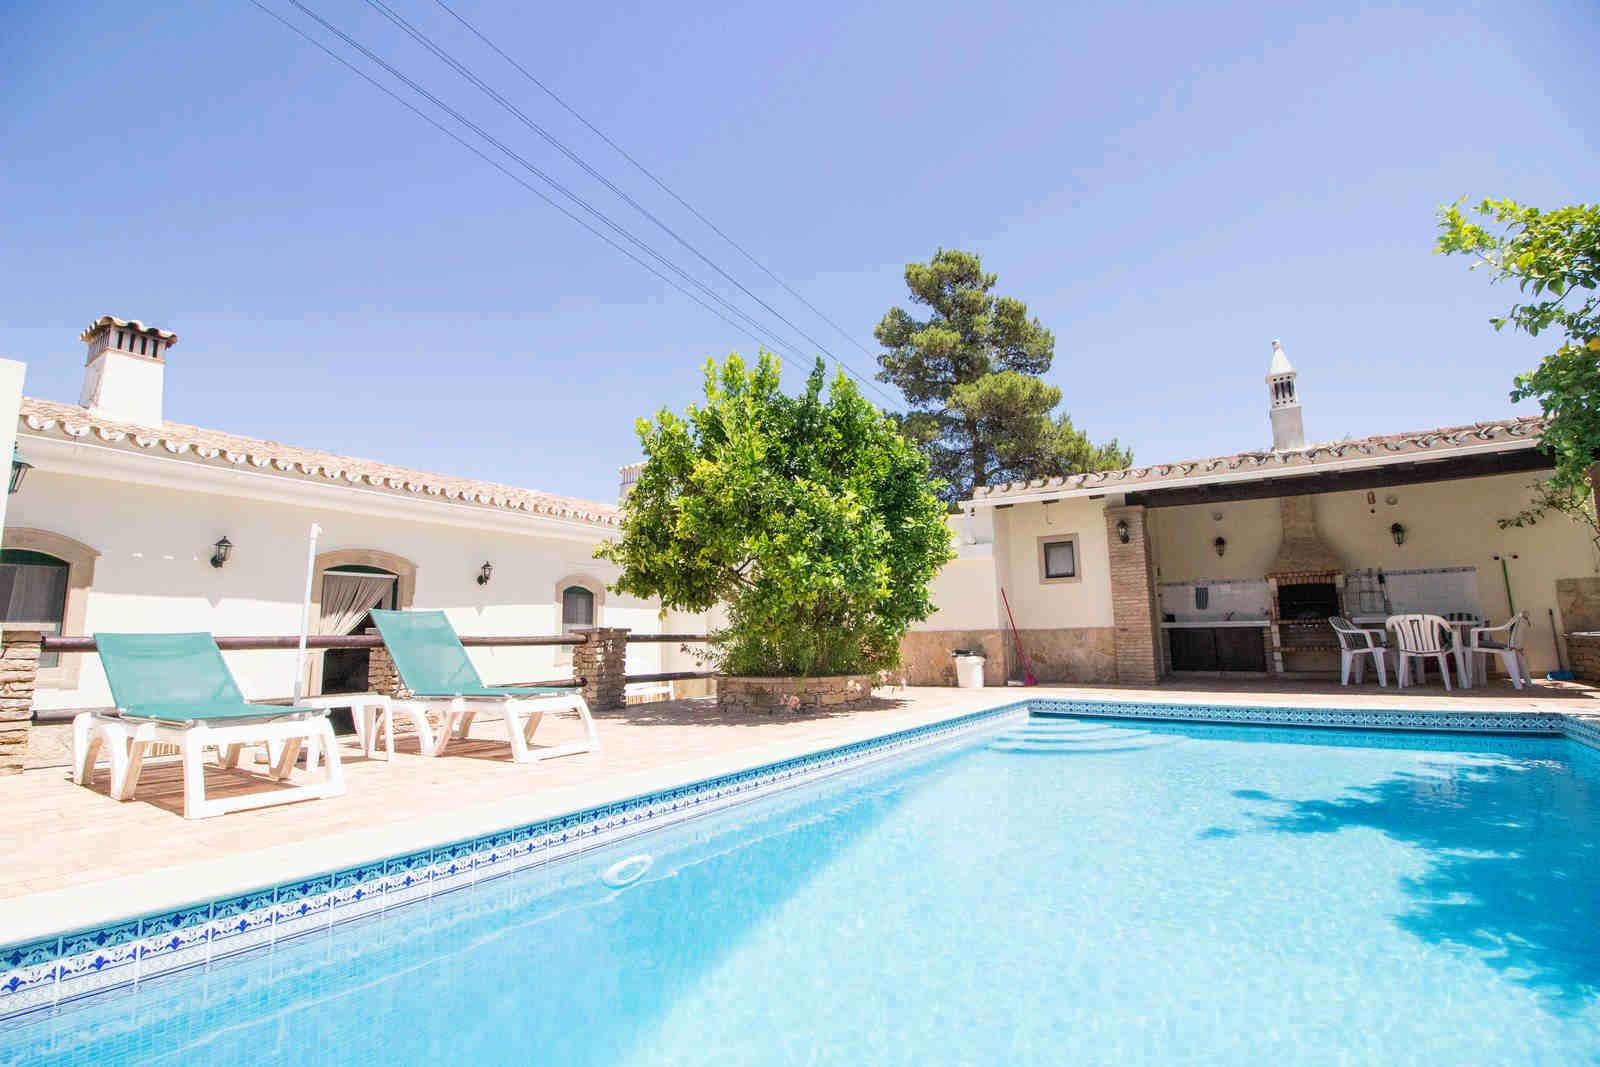 2 Bedroom Villa Sao Bras de Alportel, Central Algarve Ref: PV3501